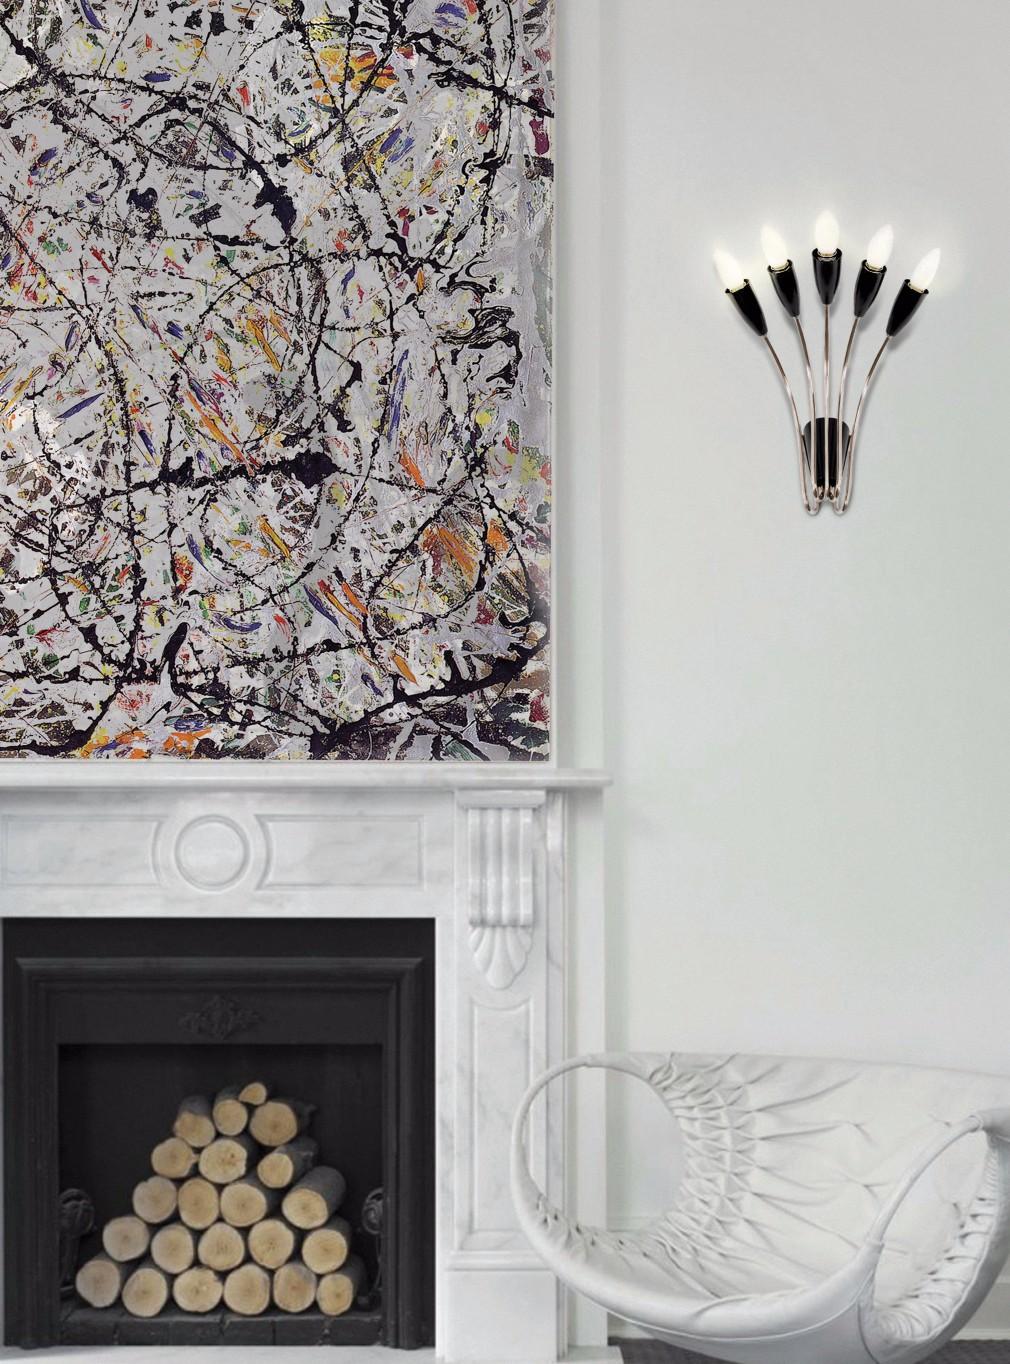 Декоративный свет в стиле MID-CENTURY это прекрасное дополнения к вашему интерьеру современный дизайн Декоративный свет в стиле MID-CENTURY это прекрасное дополнения к вашему интерьеру norah wall ambience 01 HR